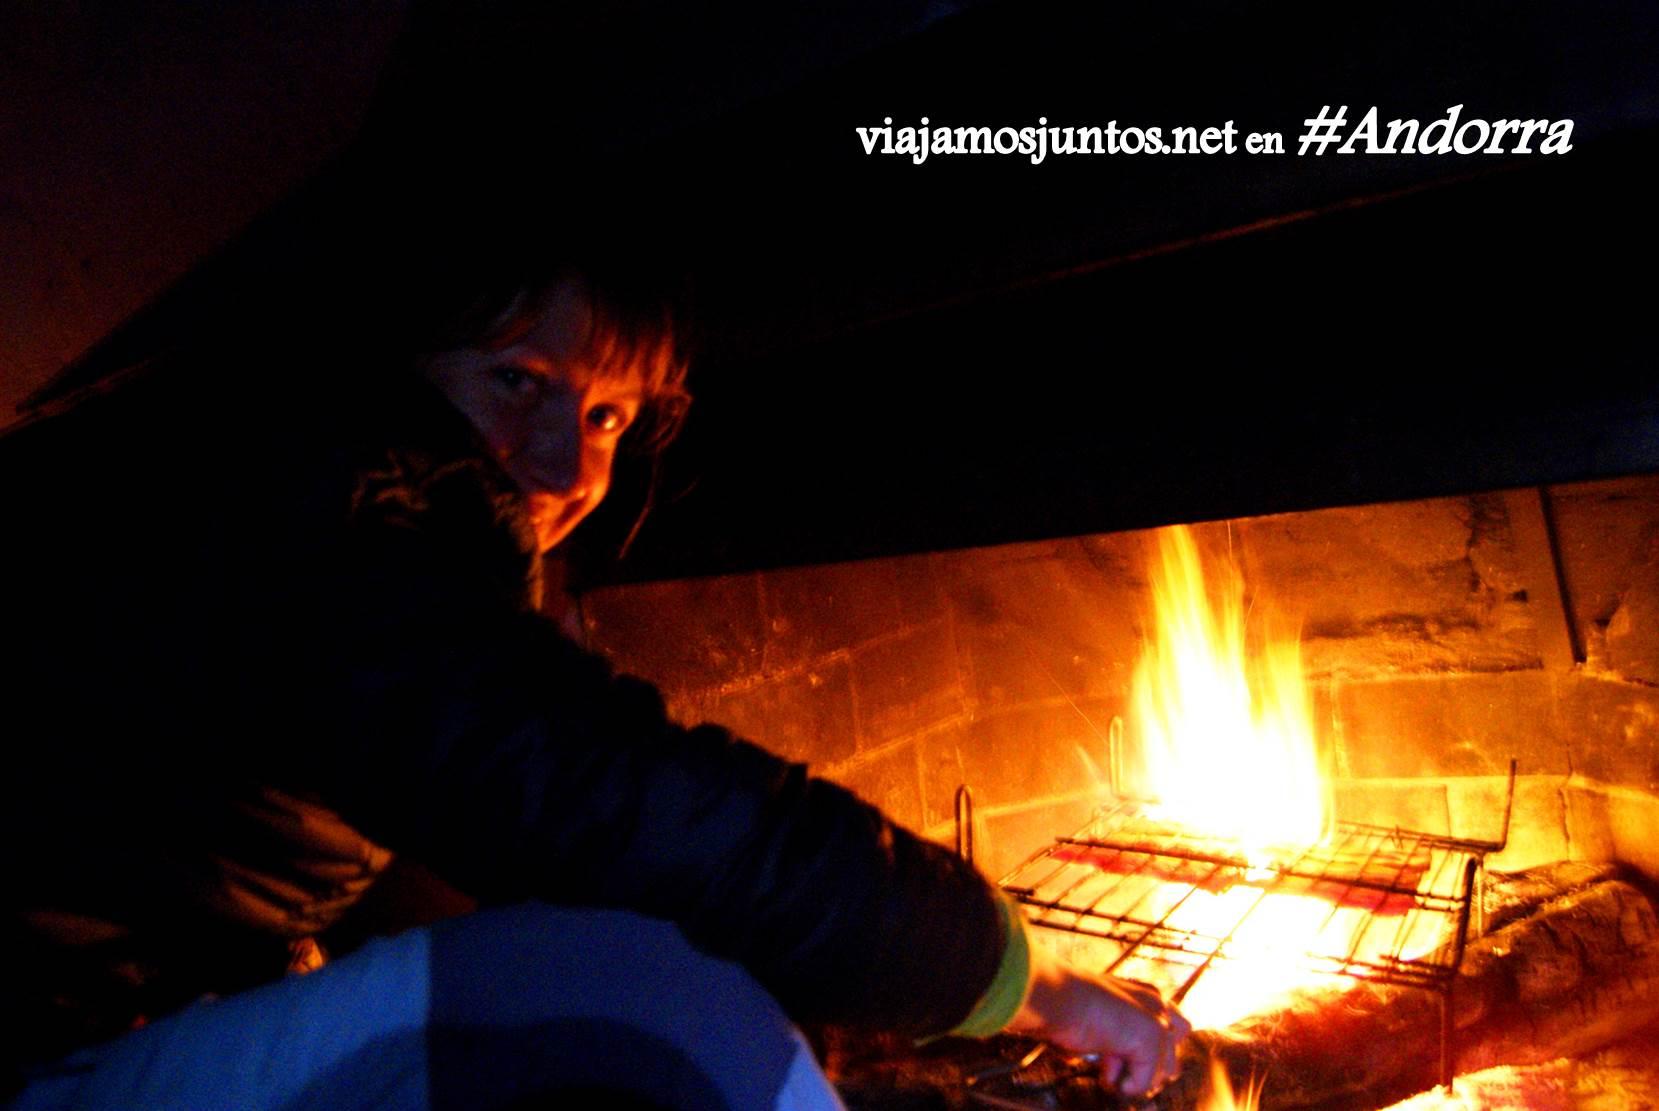 Preparando panceta a la barbacoa en la chimenea del refugio de Siscaró, Andorra, GRP, Pirineos